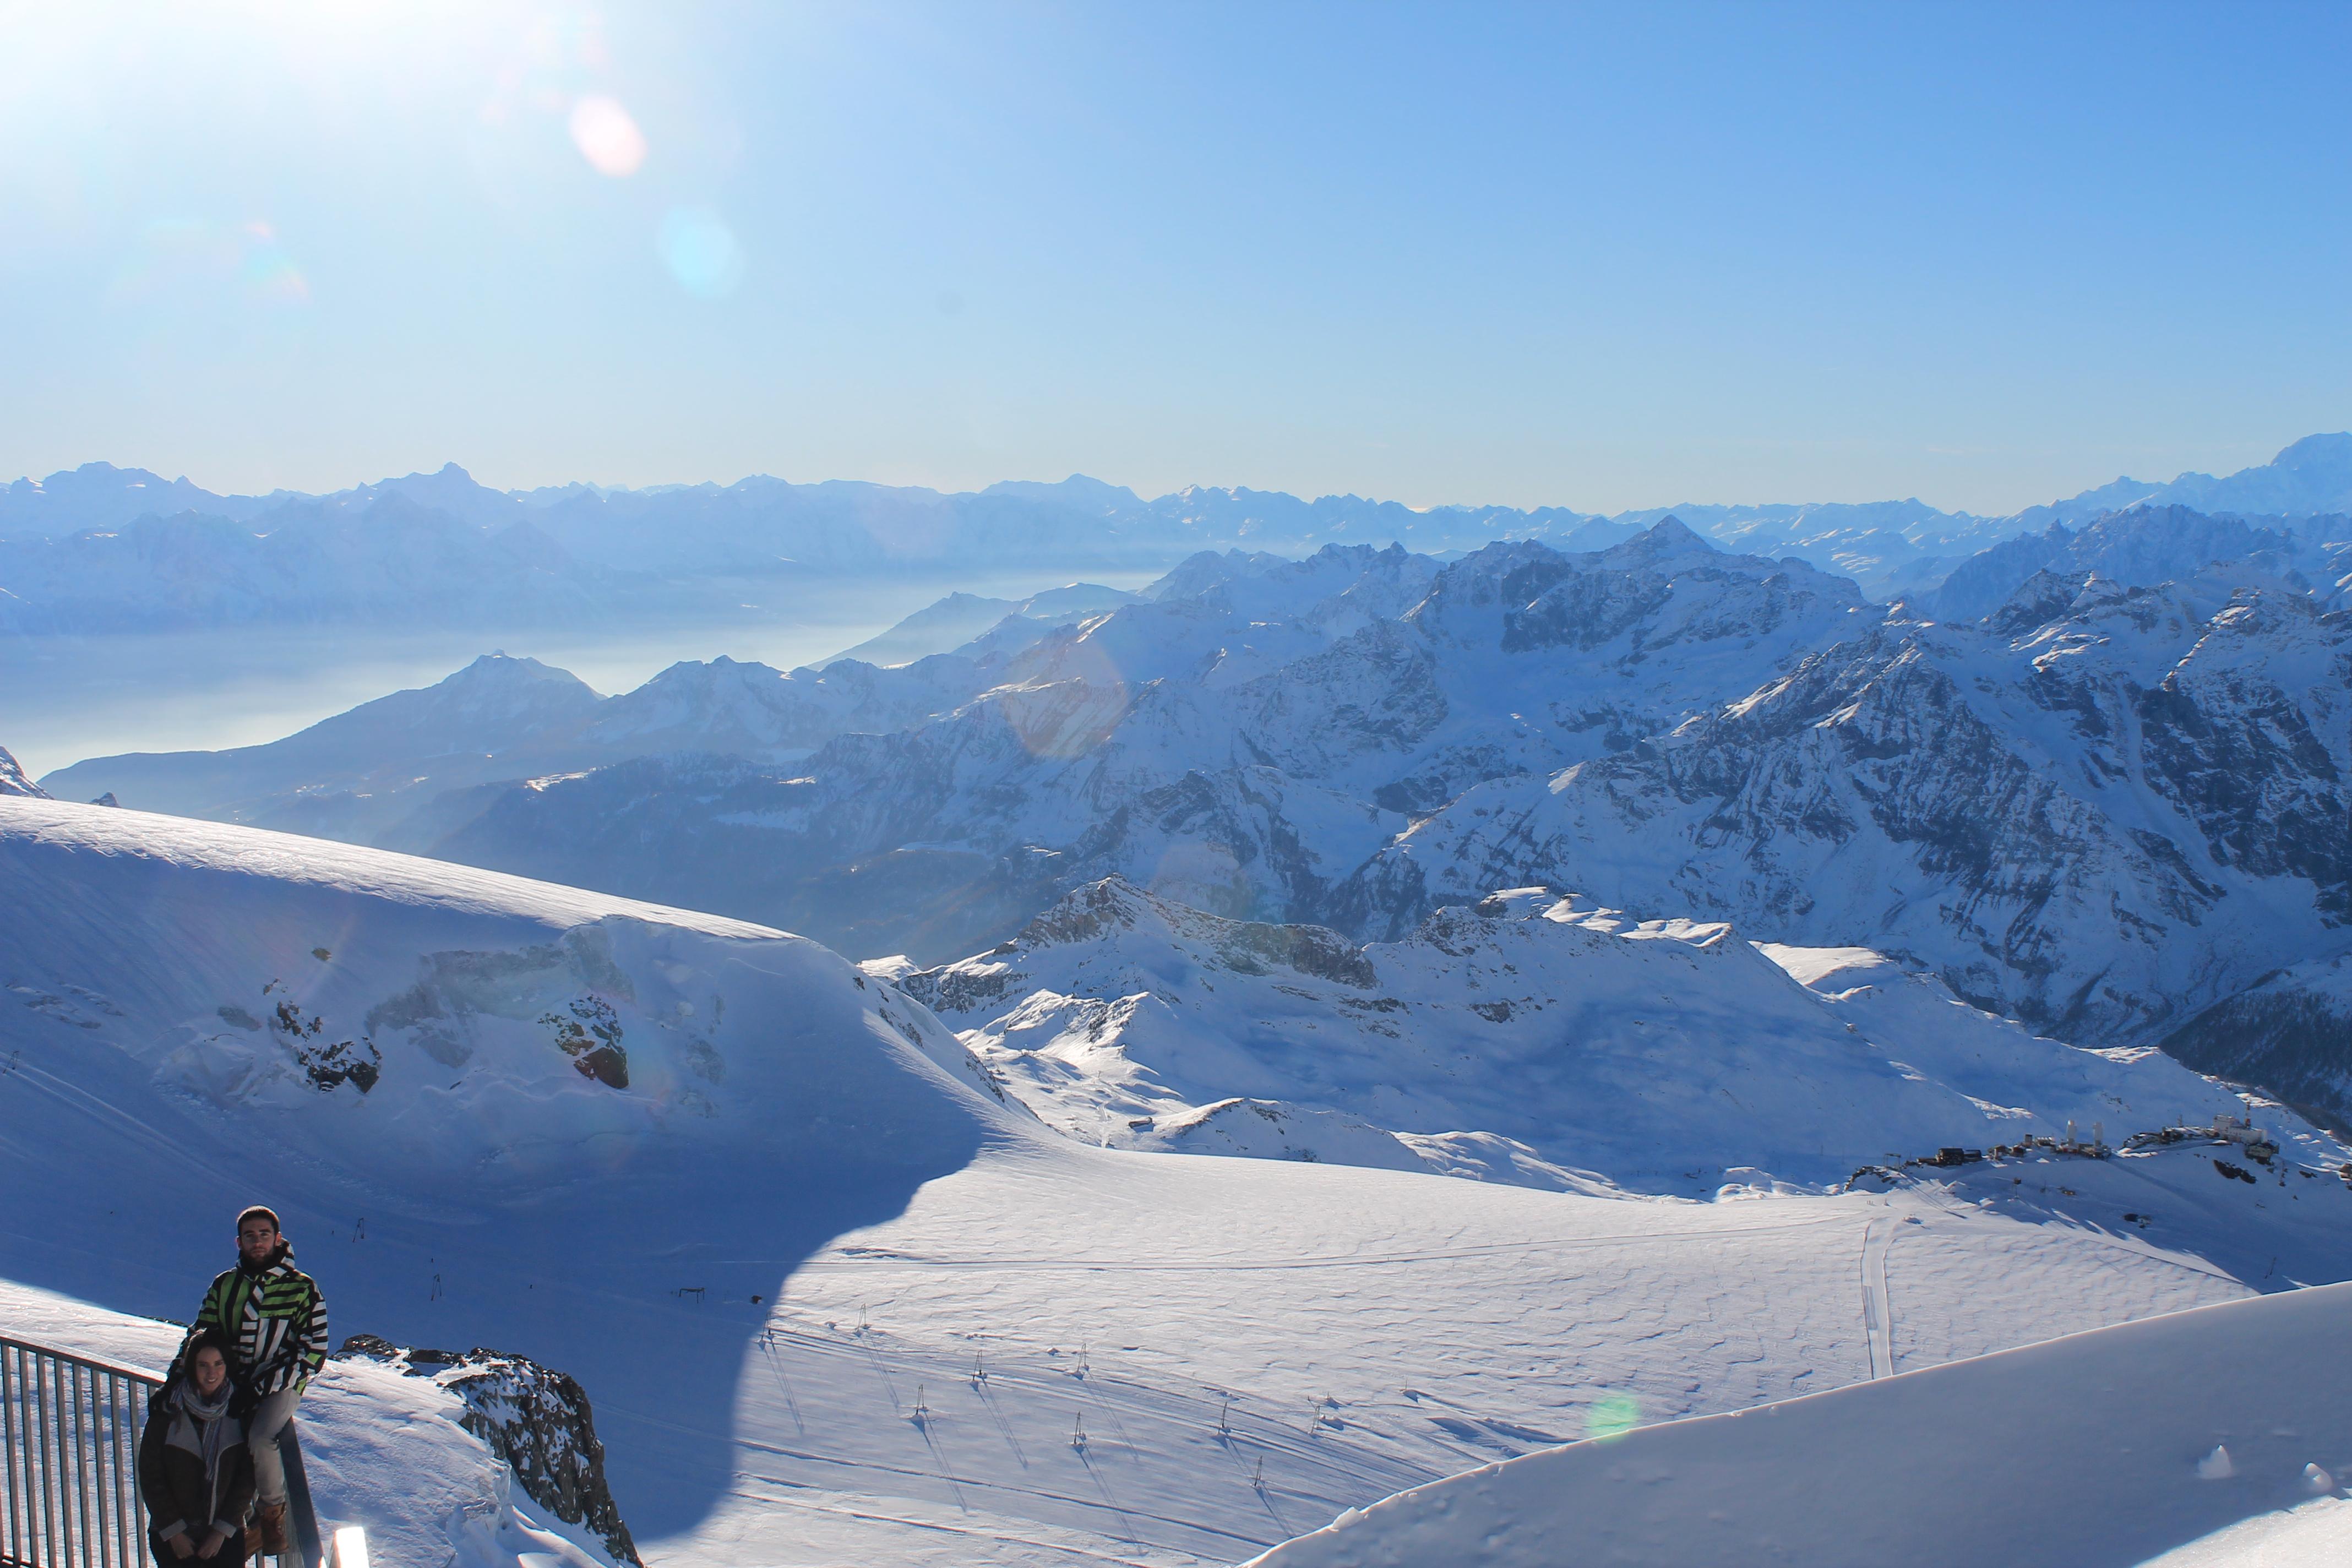 Los picos de los Alpes desde el Klein Matterhorn (Zermatt, Suiza)